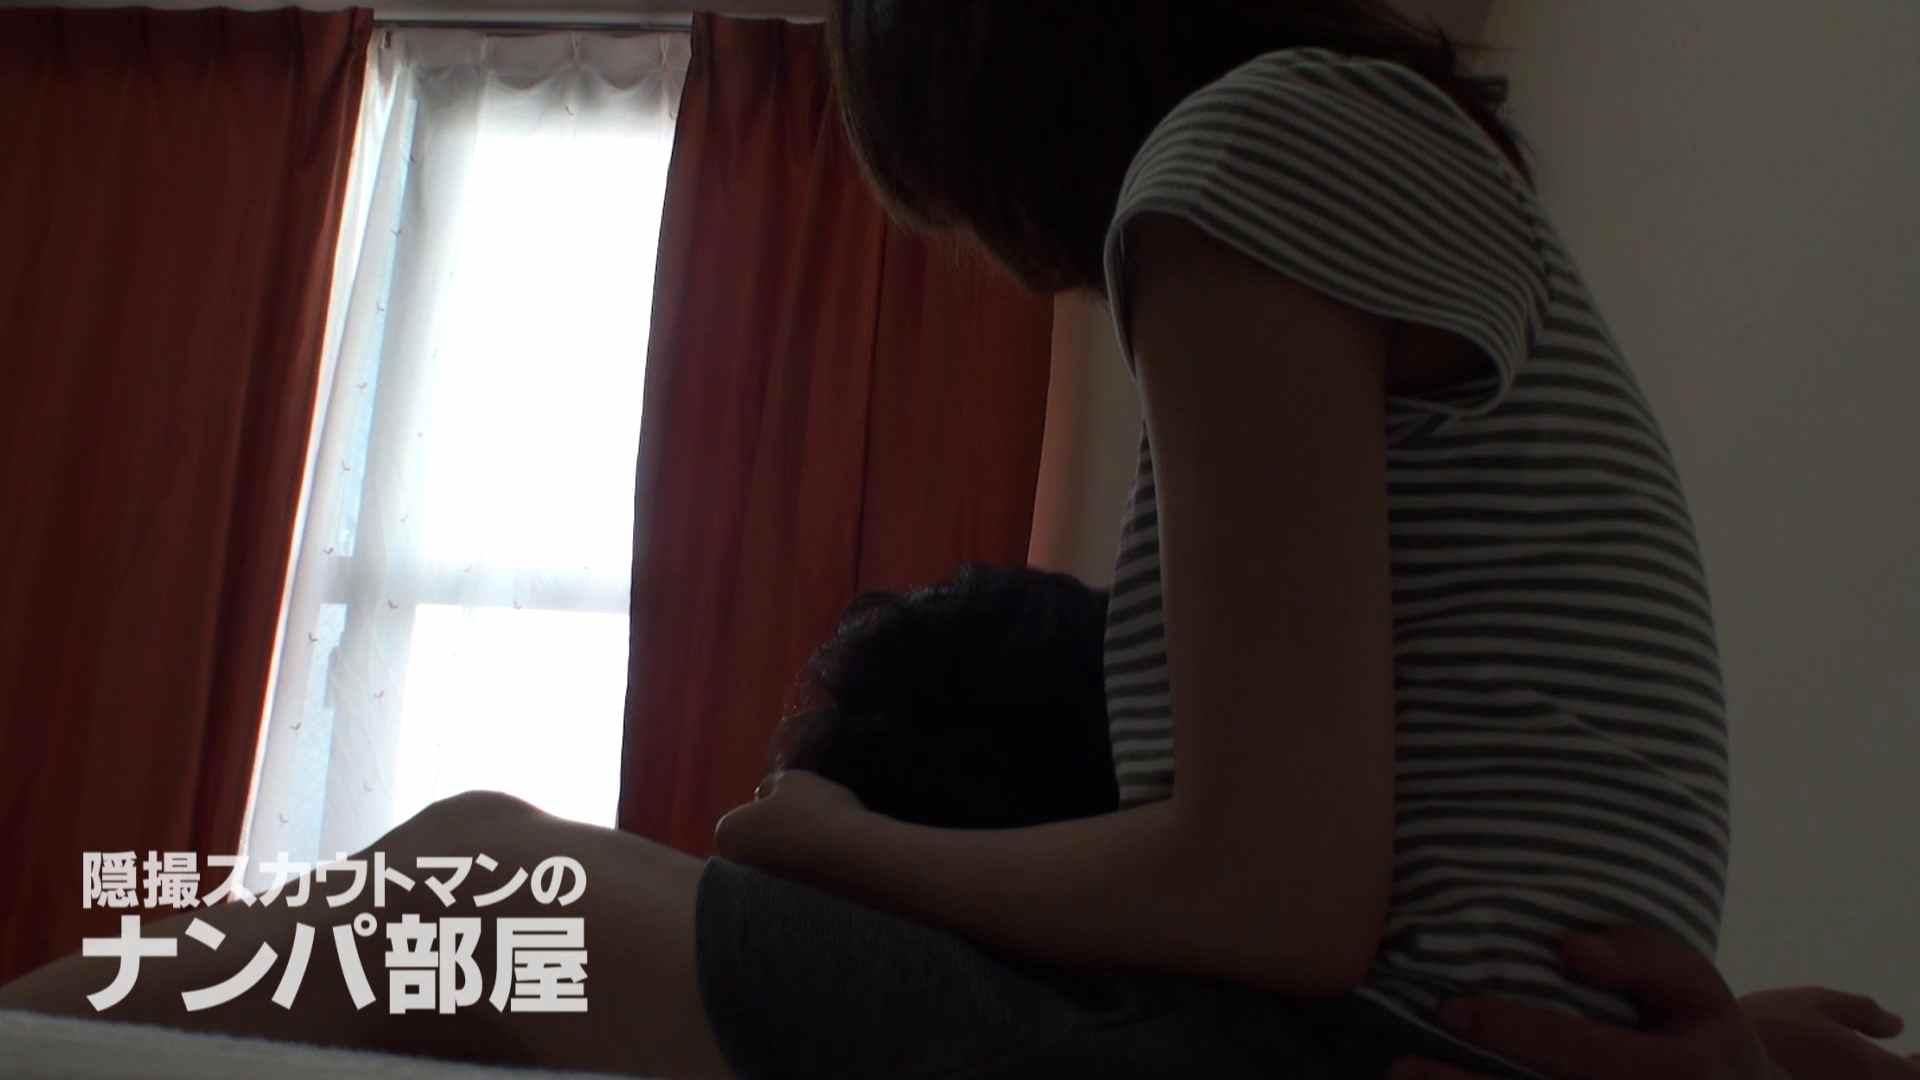 隠撮スカウトマンのナンパ部屋~風俗デビュー前のつまみ食い~ siivol.3 ナンパ 盗み撮り動画 55連発 29